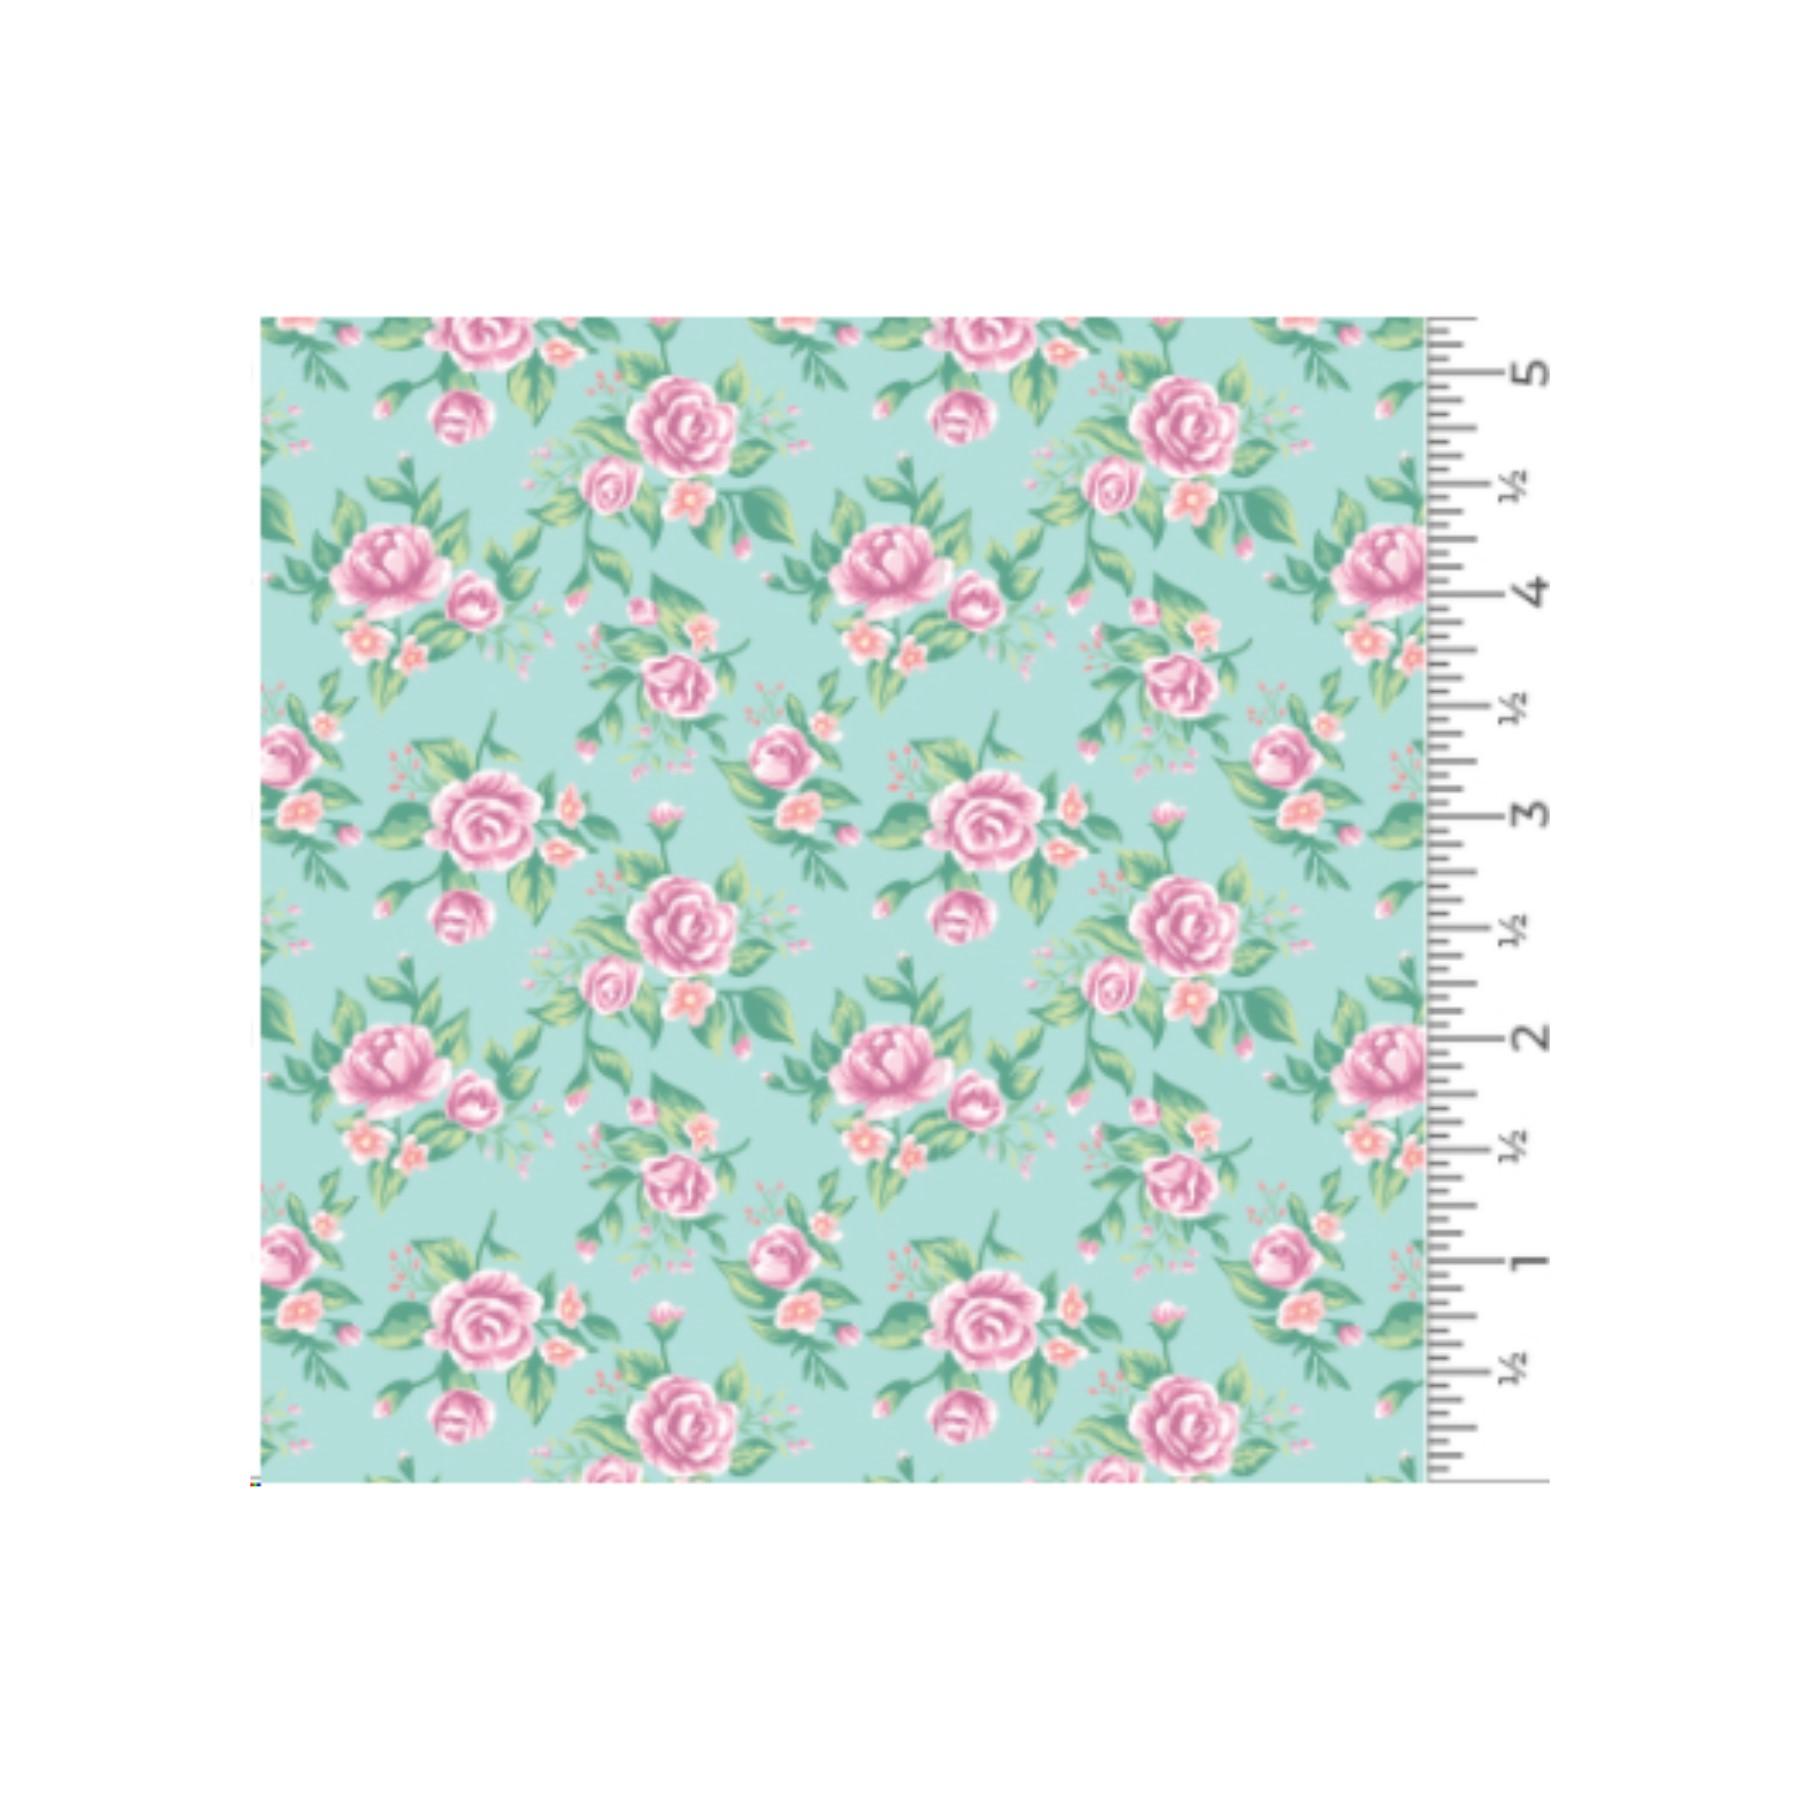 Vinilo textil diseños EasyPatterns® 30 x 50 cm Rosas vintage